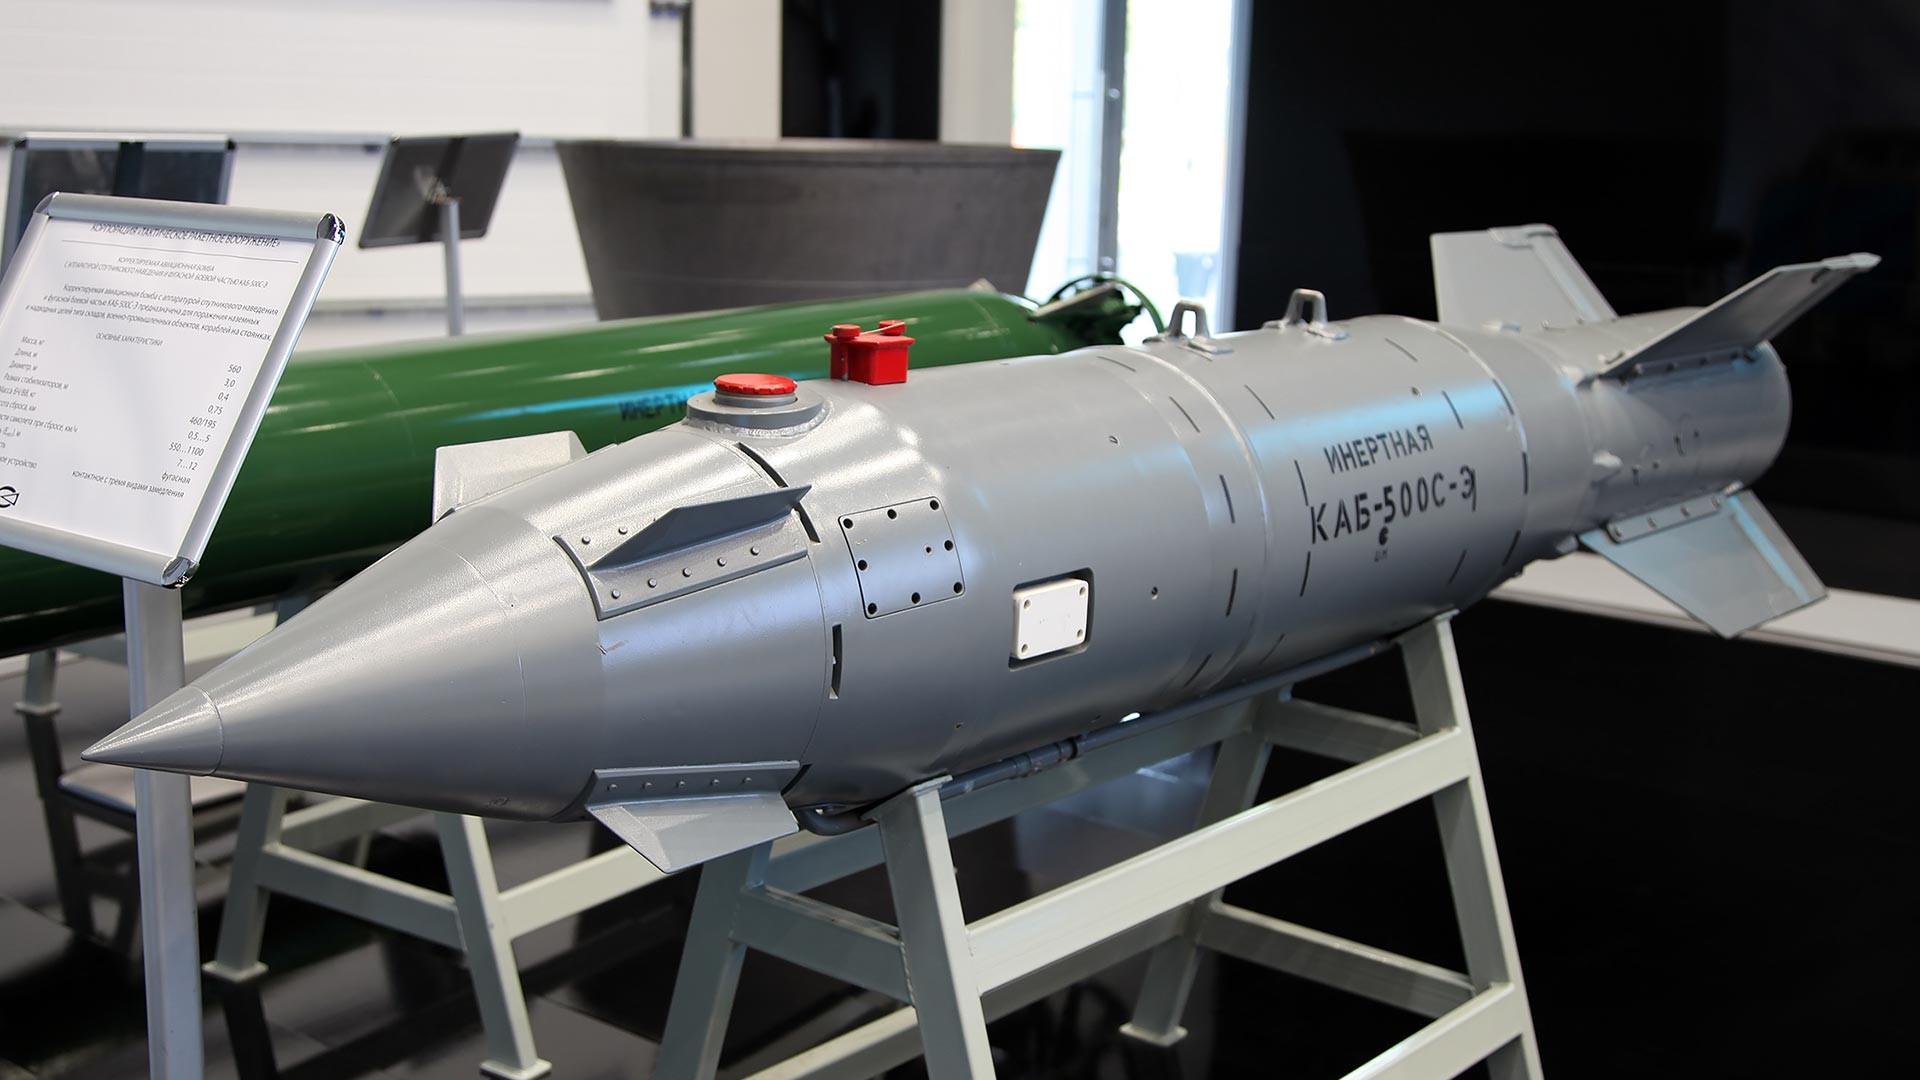 KAB-500S